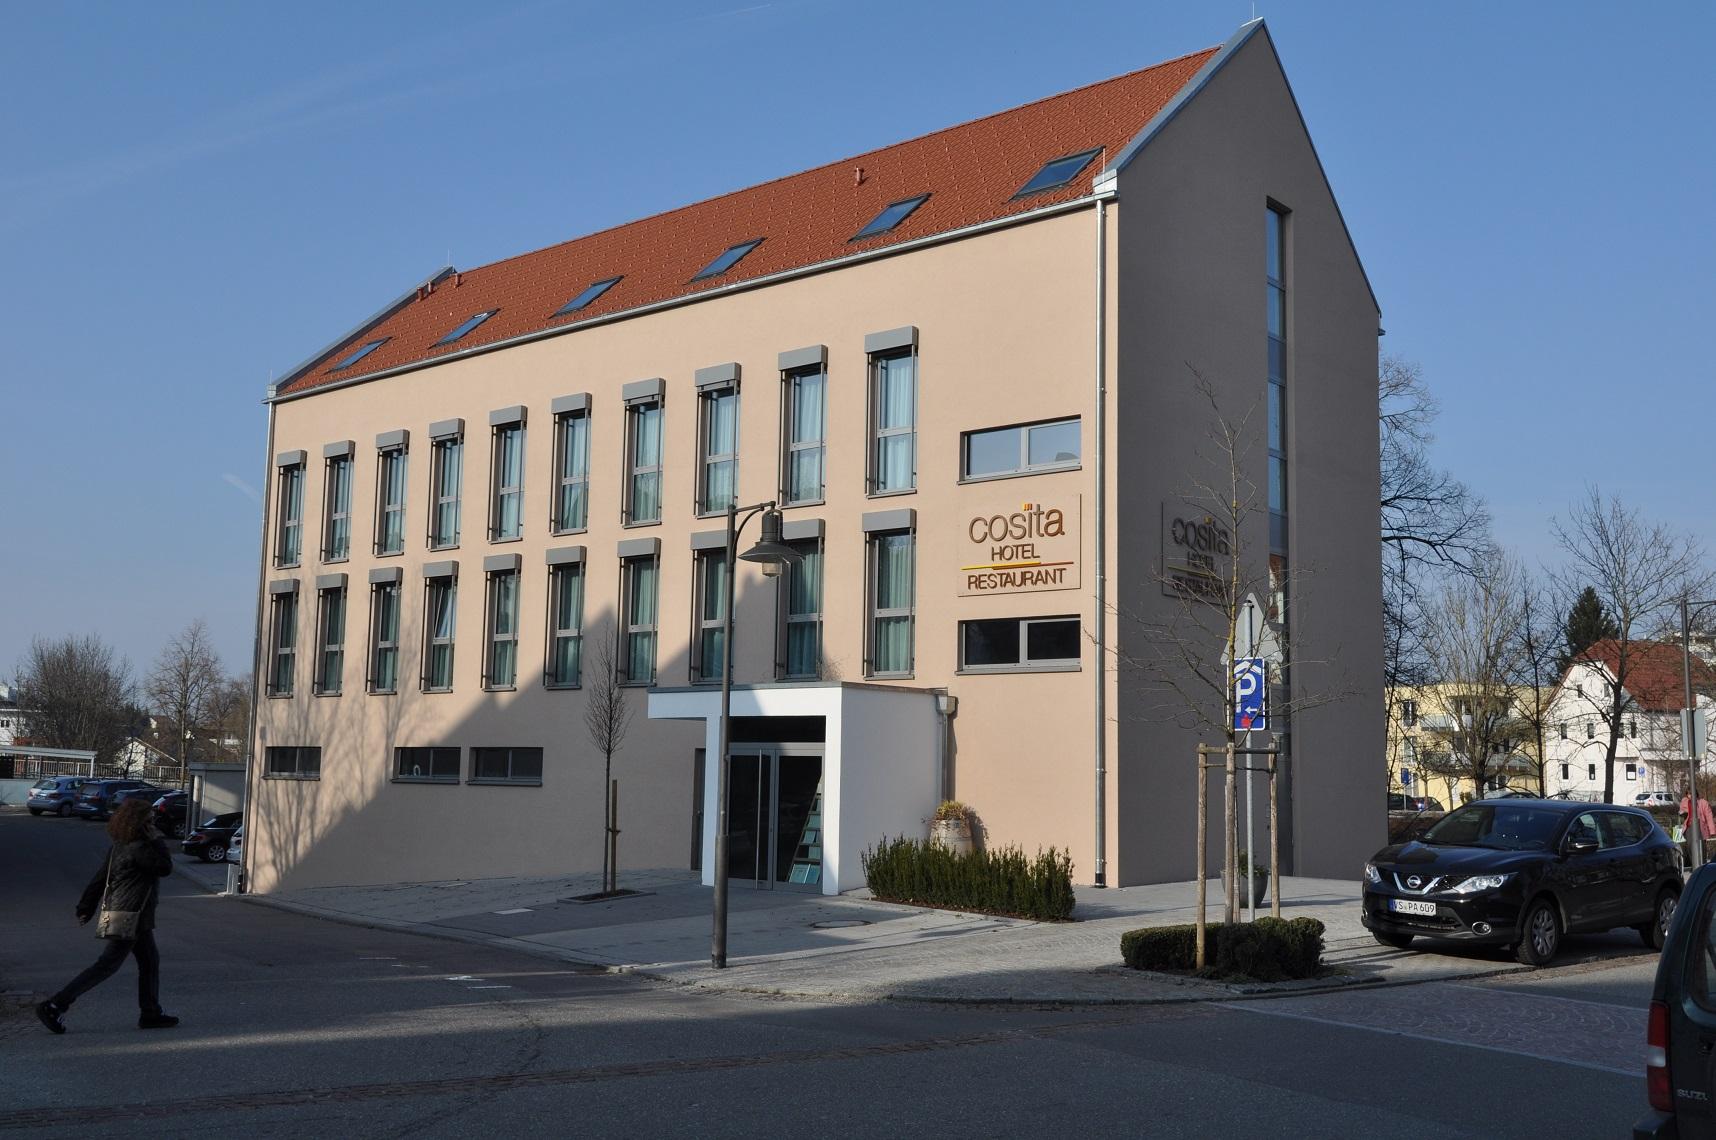 Hotel Cosita, Balingen 001.jpg